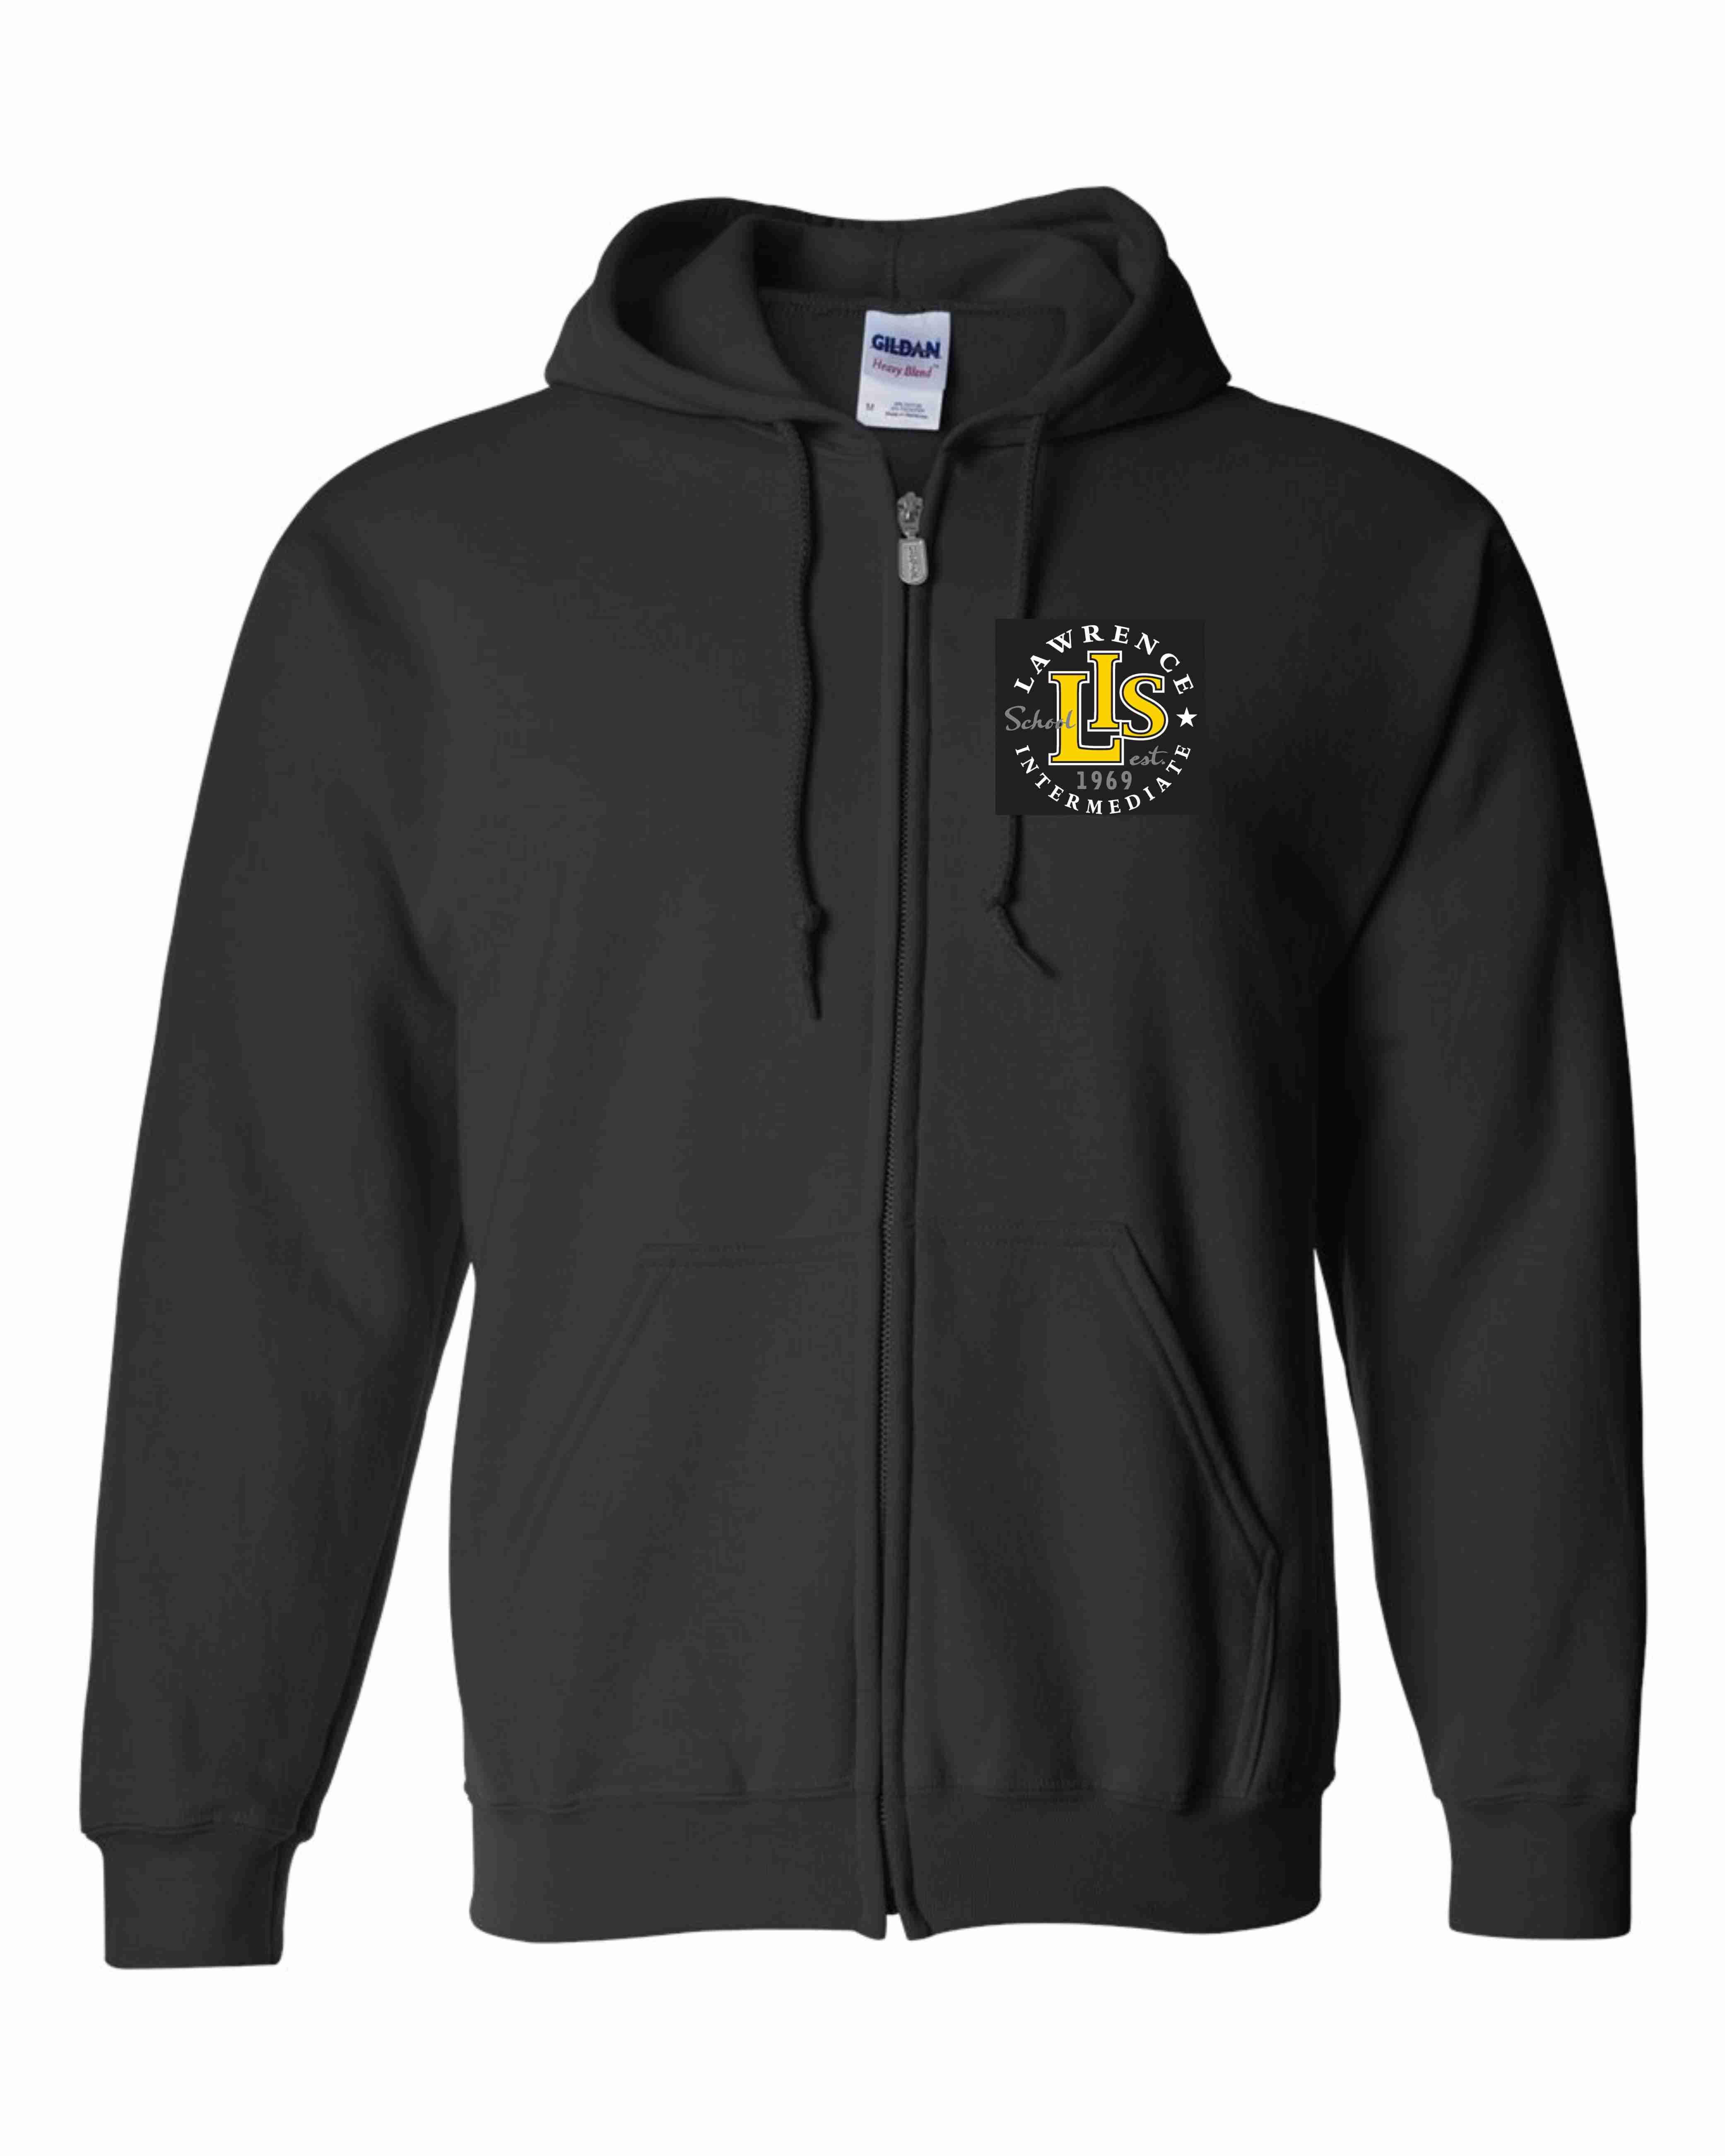 18600 Embroidered Adult Zip Hooded Sweatshirt